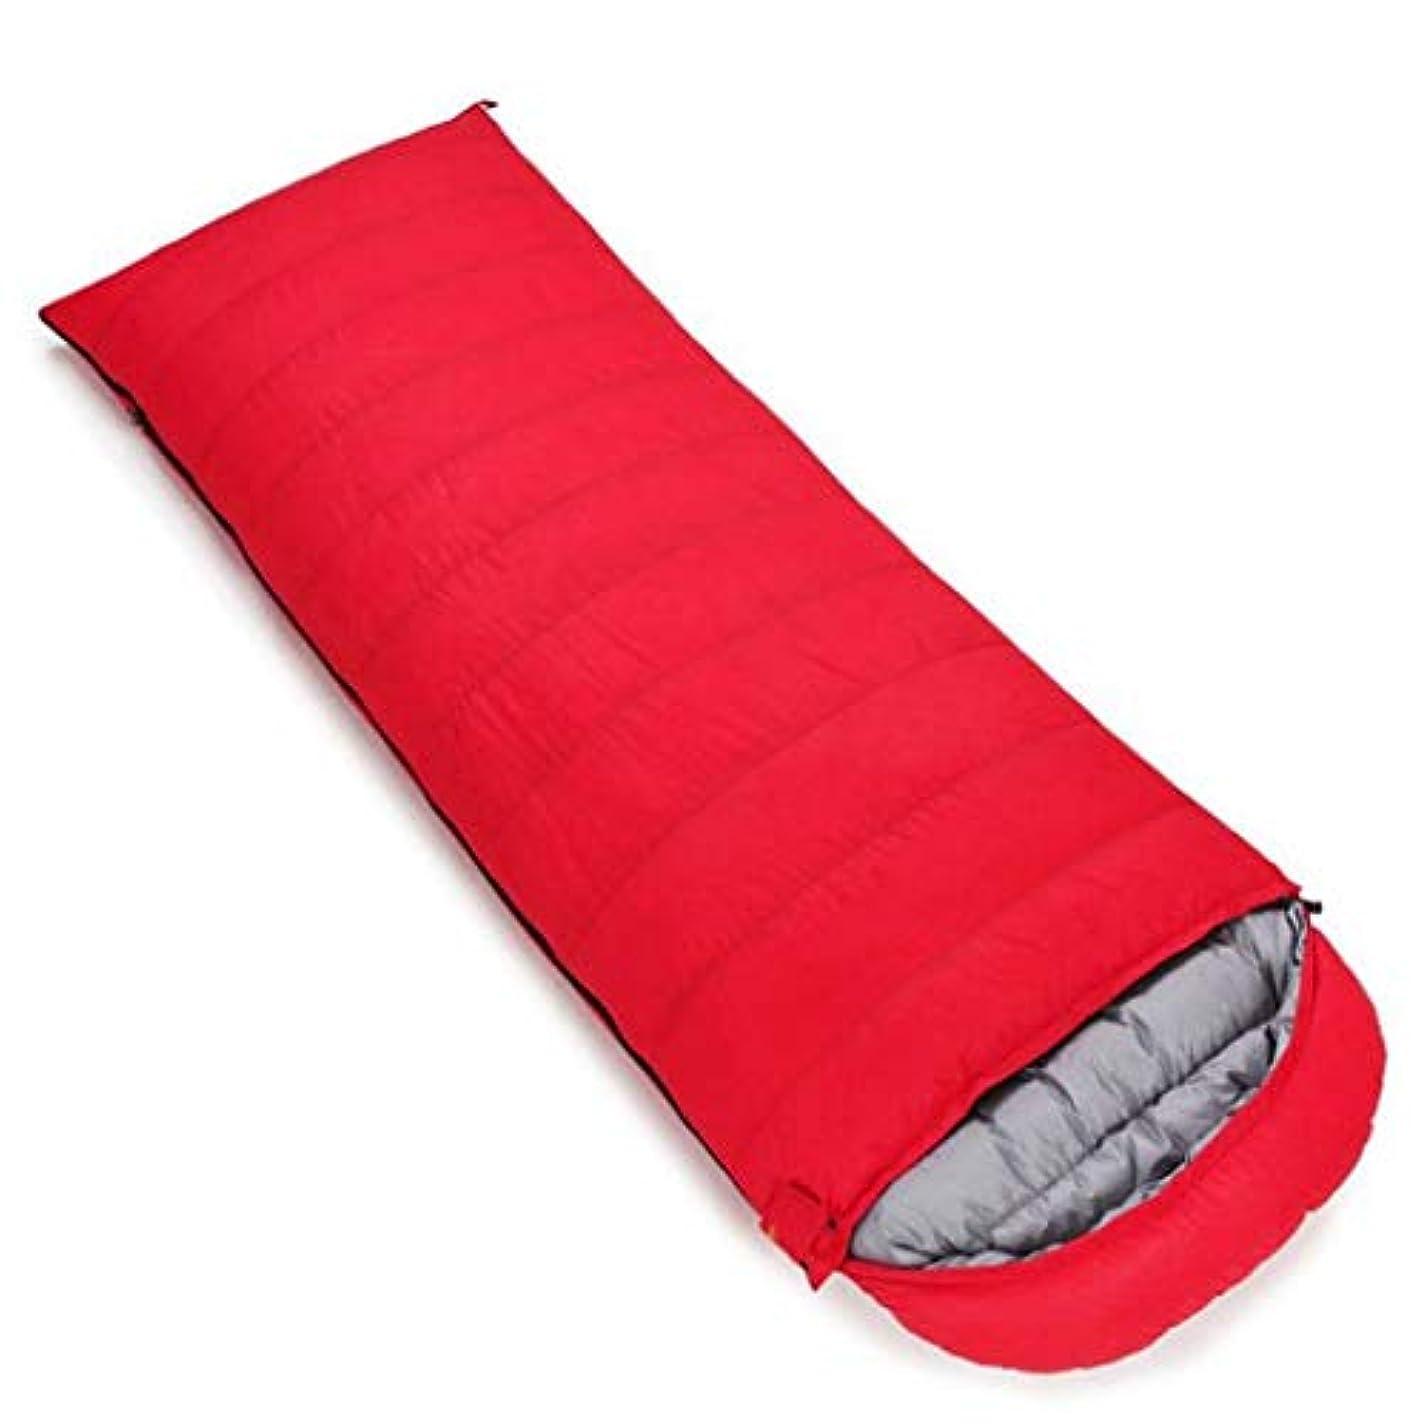 エレメンタルポスト印象派簡略化する屋外キャンプ用寝袋屋外縫製ダブル寝袋ポータブル圧縮寝袋 (Capacity : 2.5kg, Color : Red)